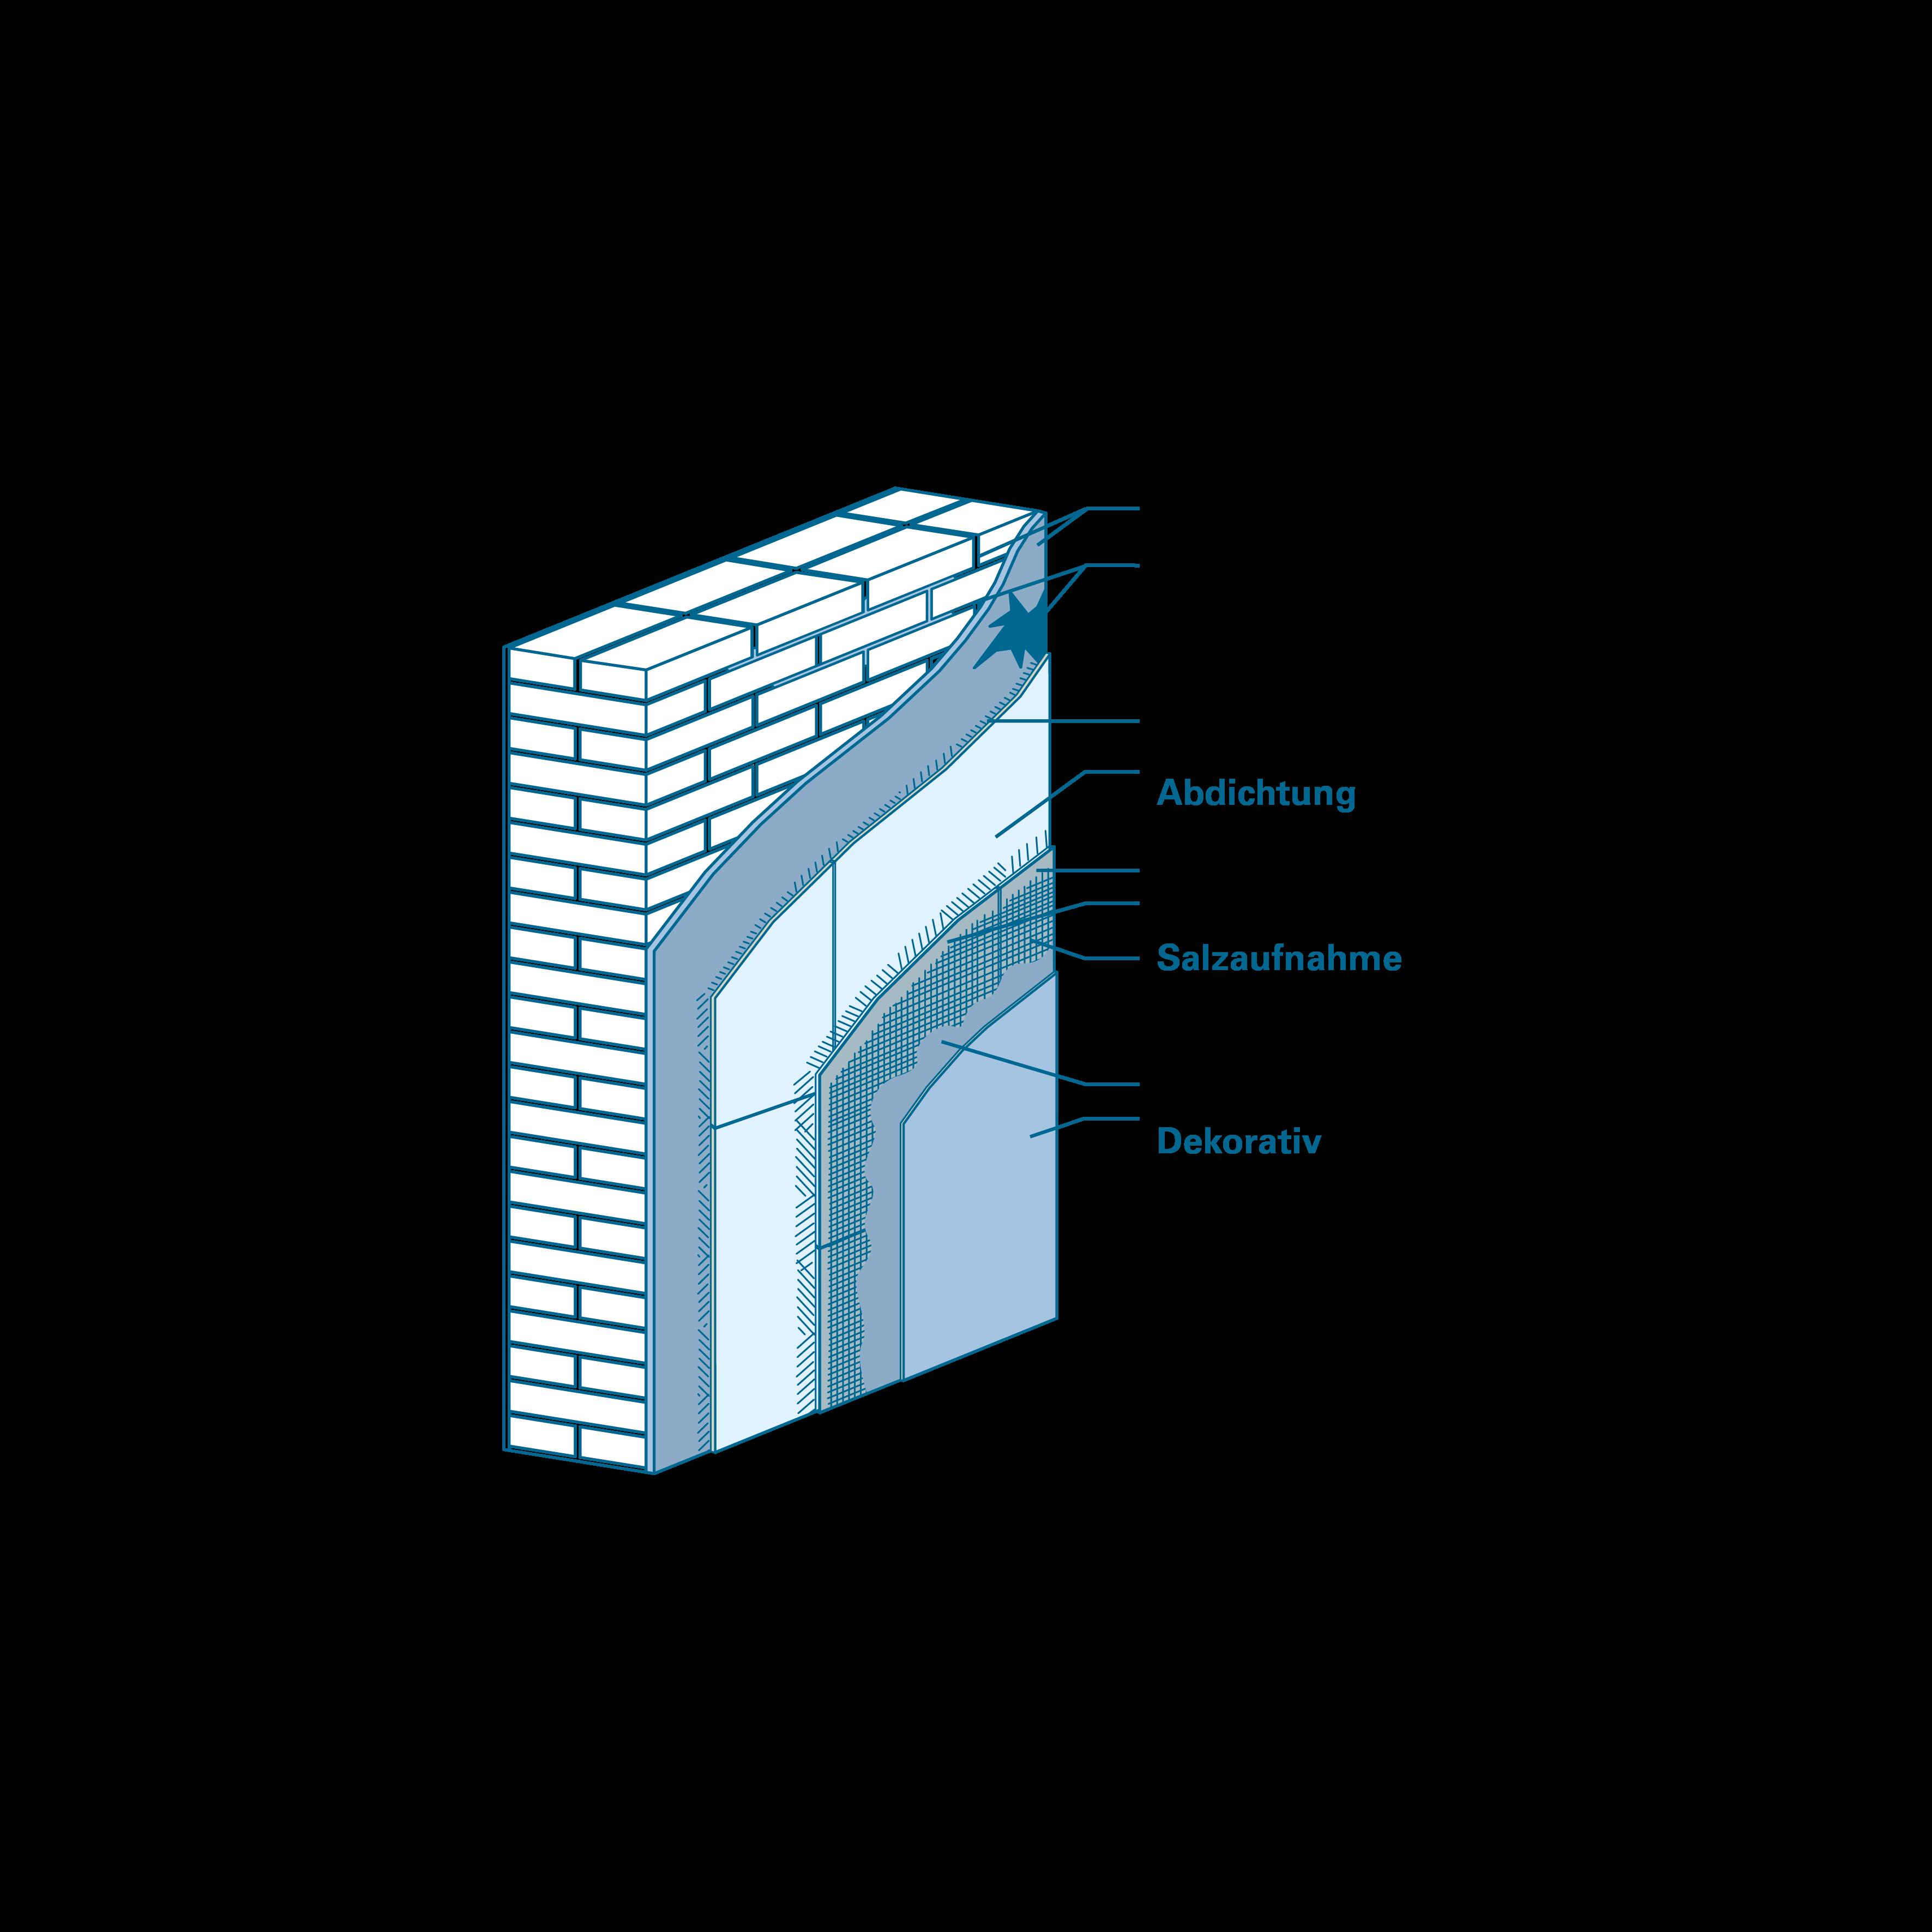 schematische Darstellung doppelpatente Innenabdichtung